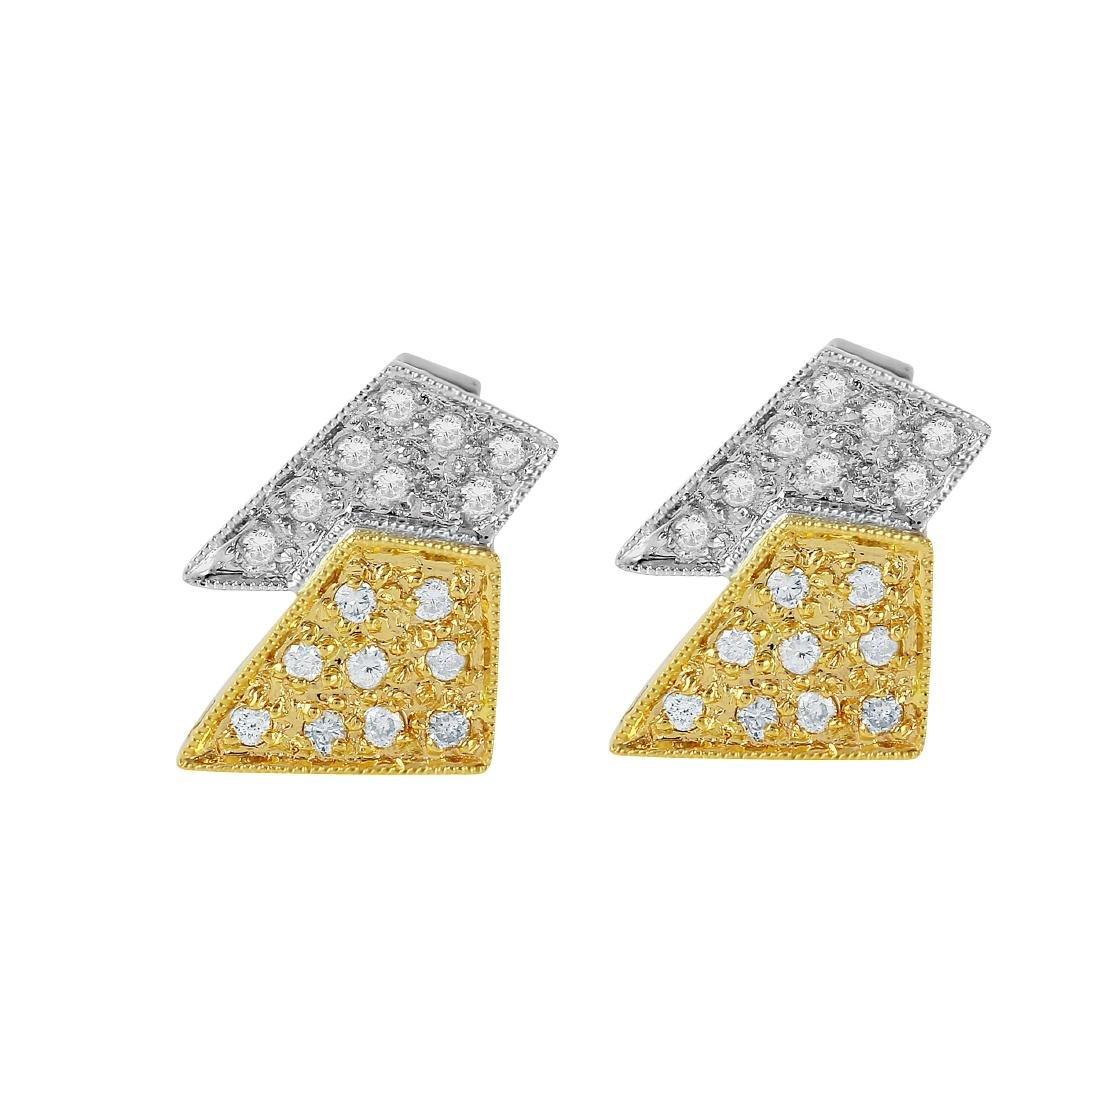 14KT Two Tone Gold Diamond Stud Earrings - 4